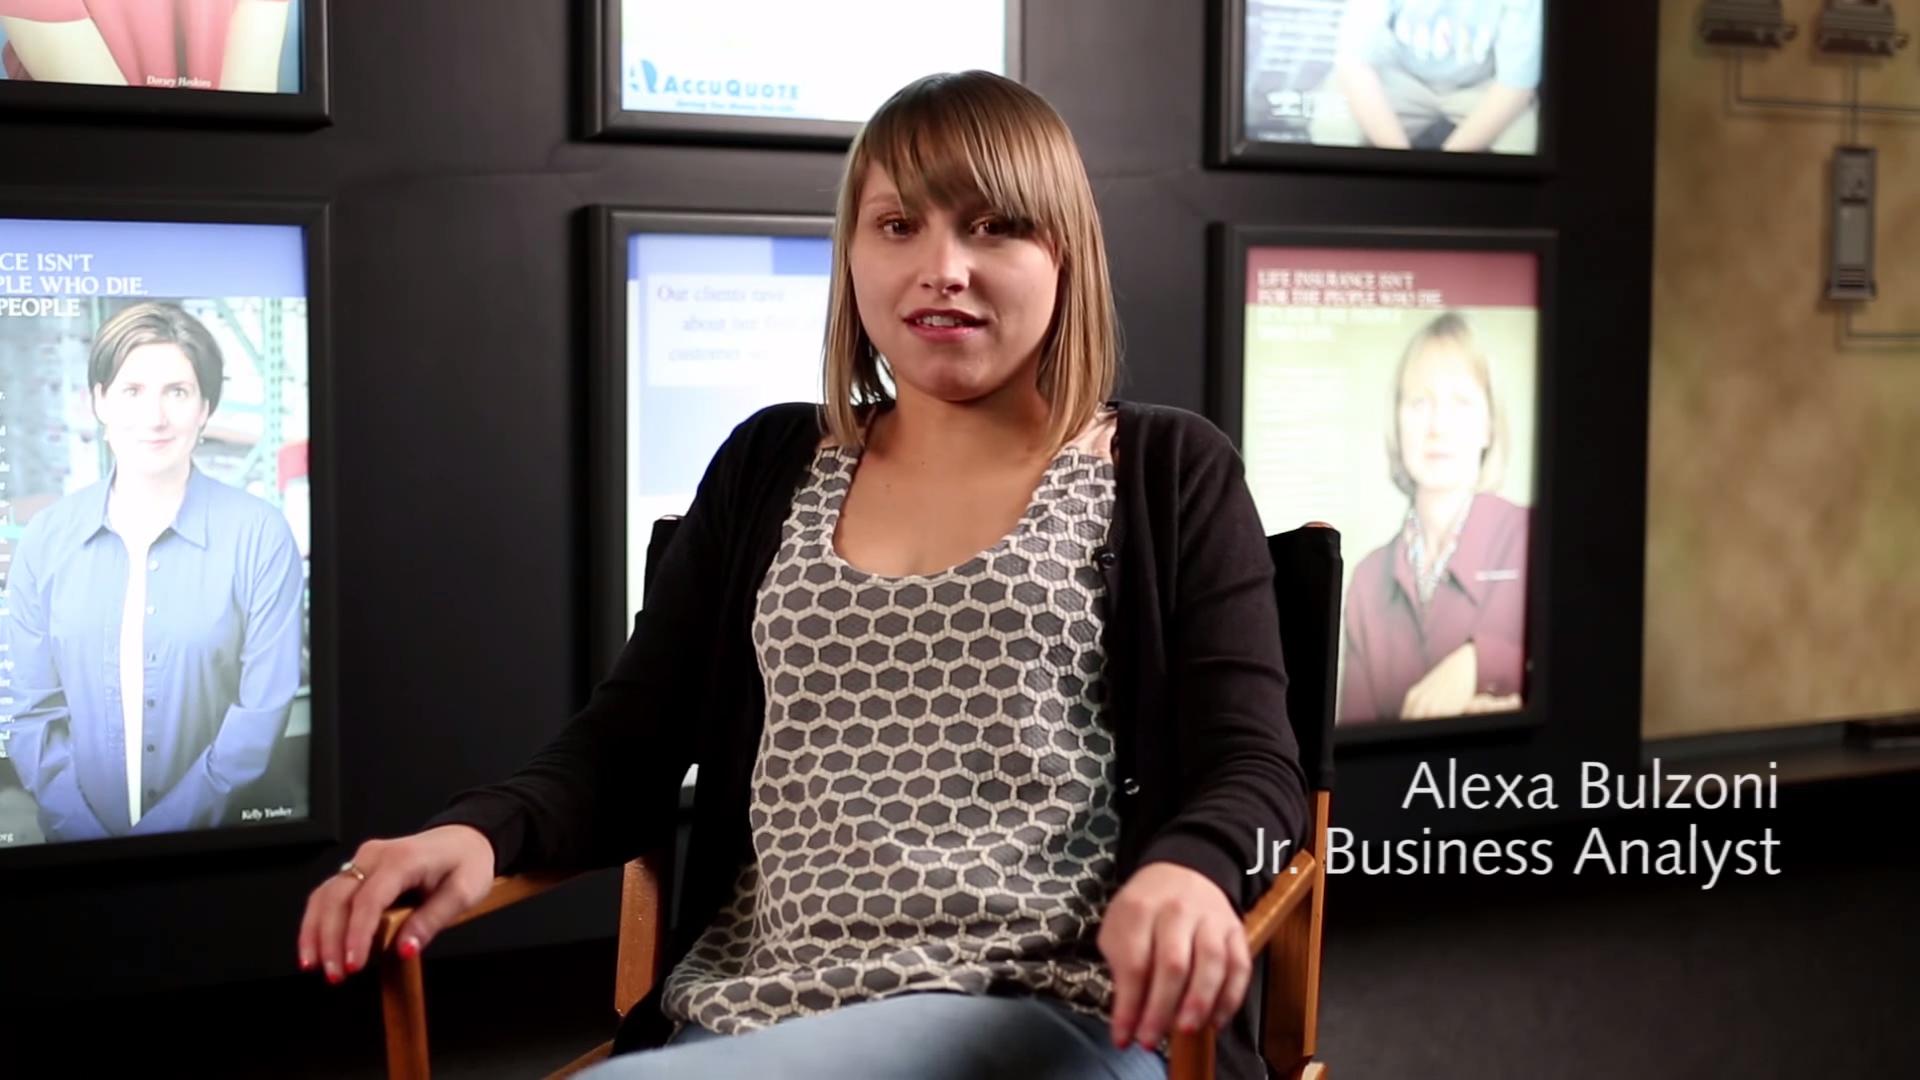 Corporate Recruiting Video